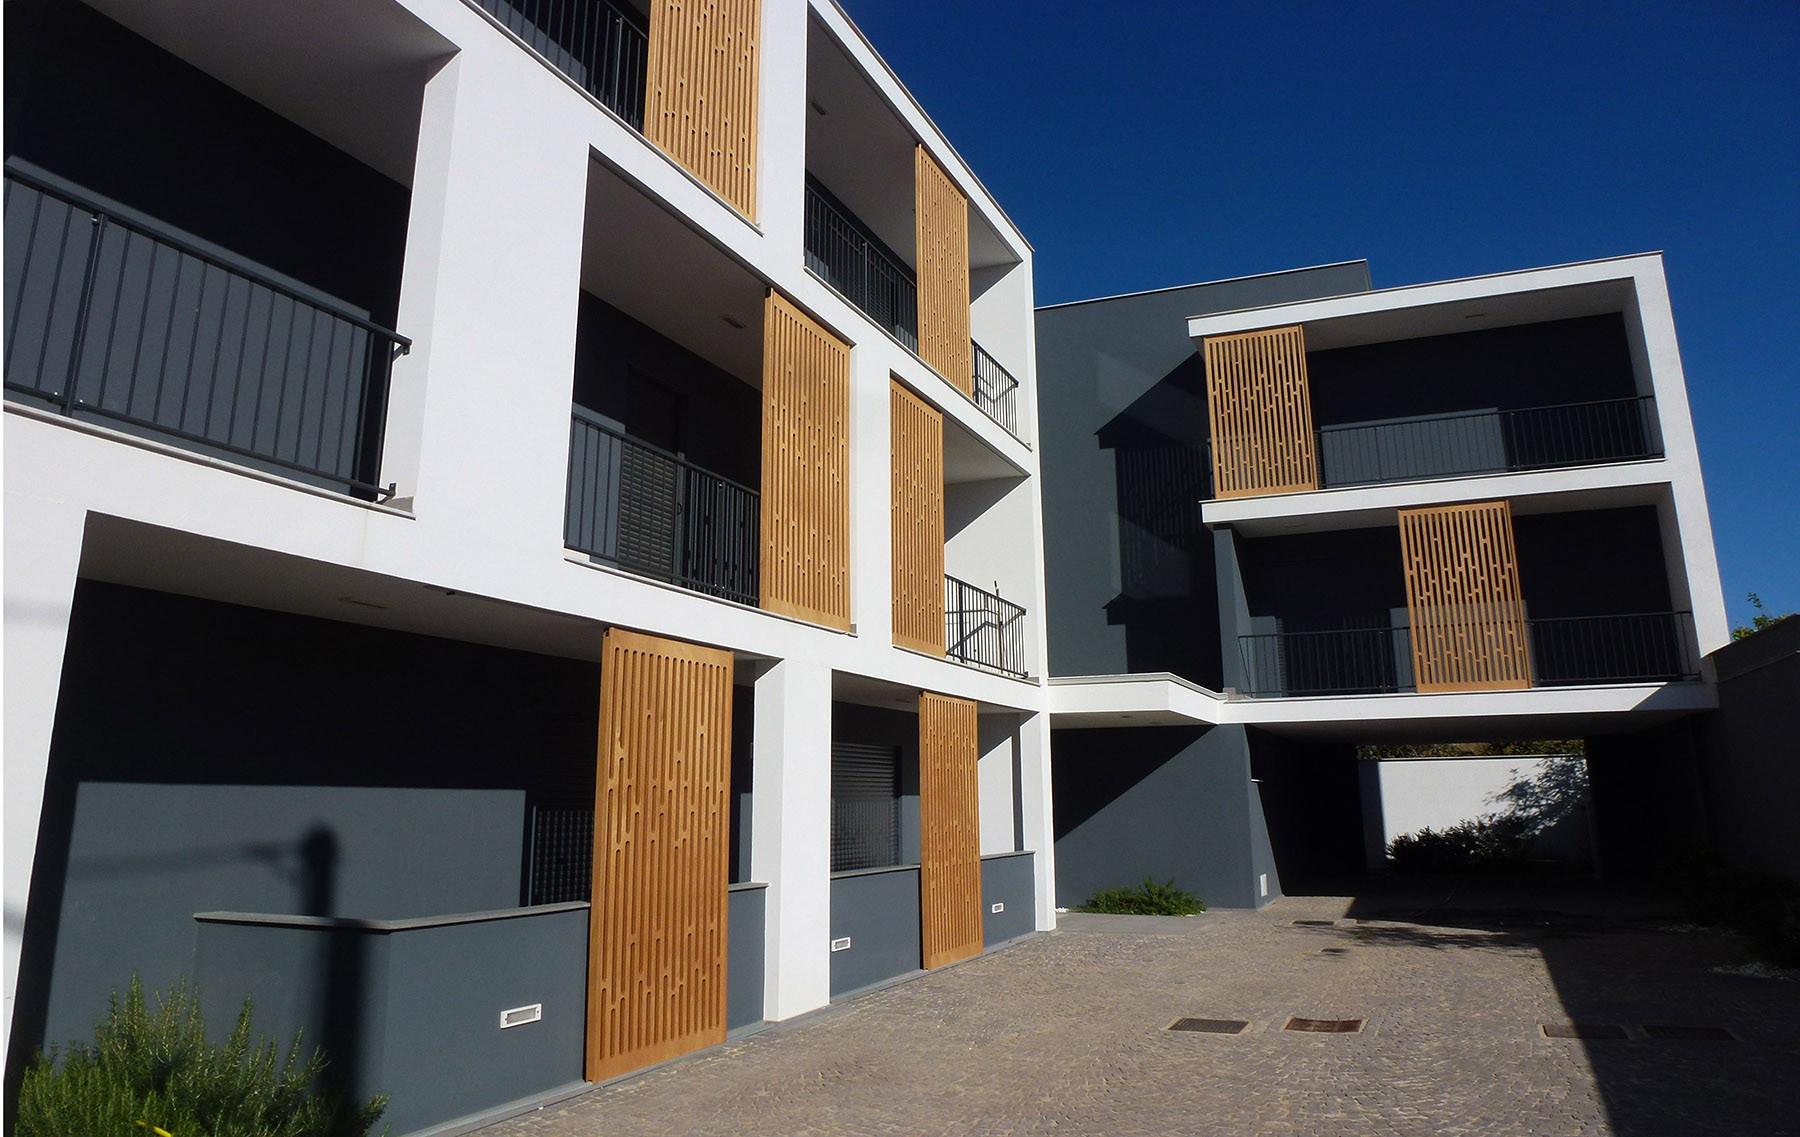 andrea costa architetto Sardegna- neapol